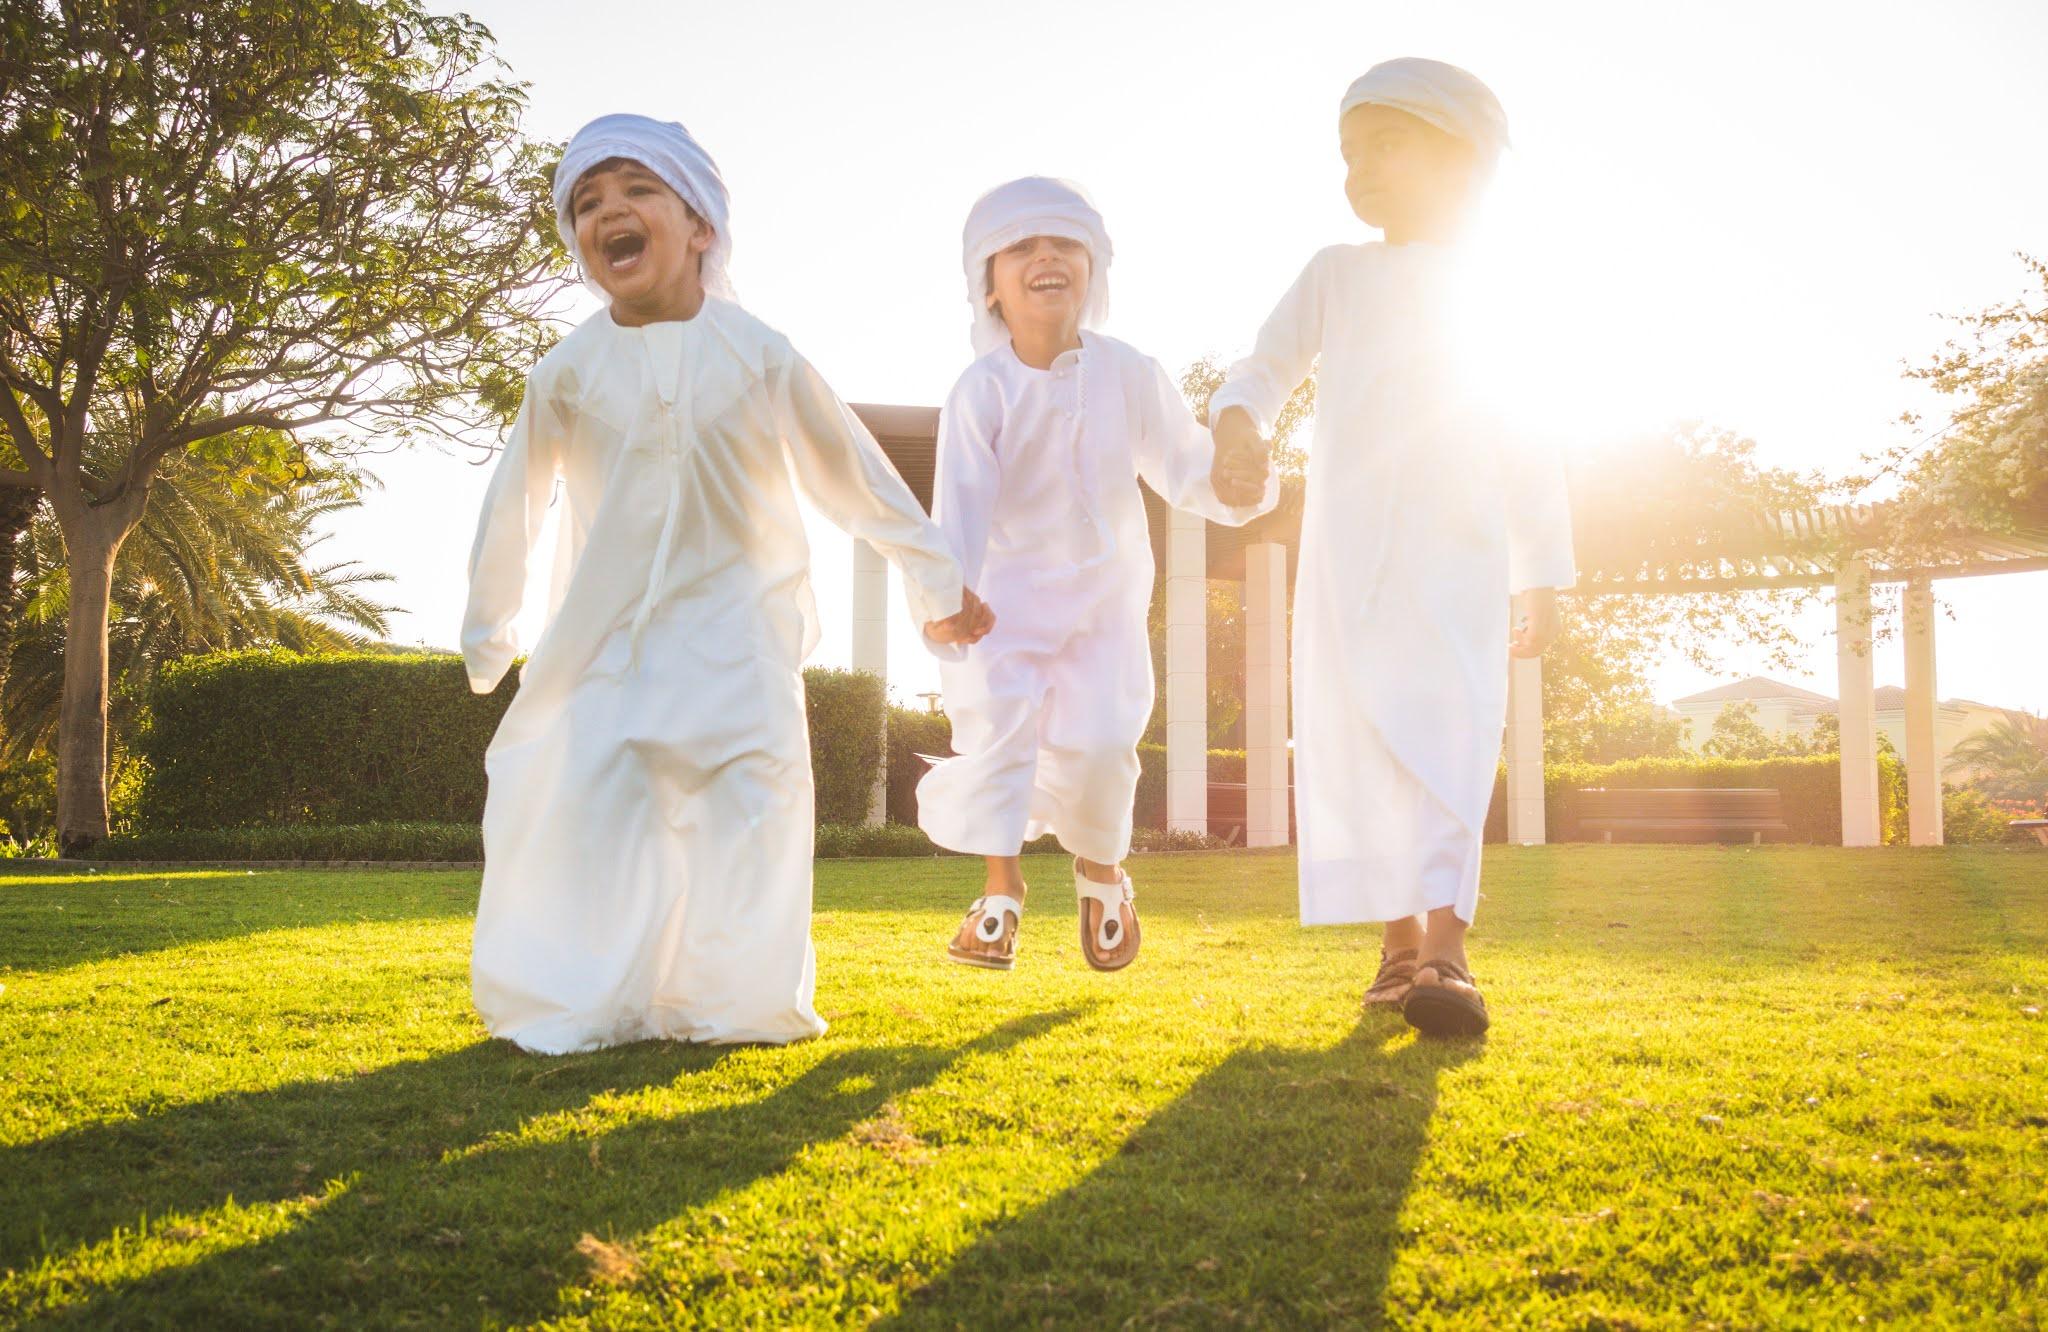 حدائق دبي توفّر تجربة ترفيهية متميزة للزوّار